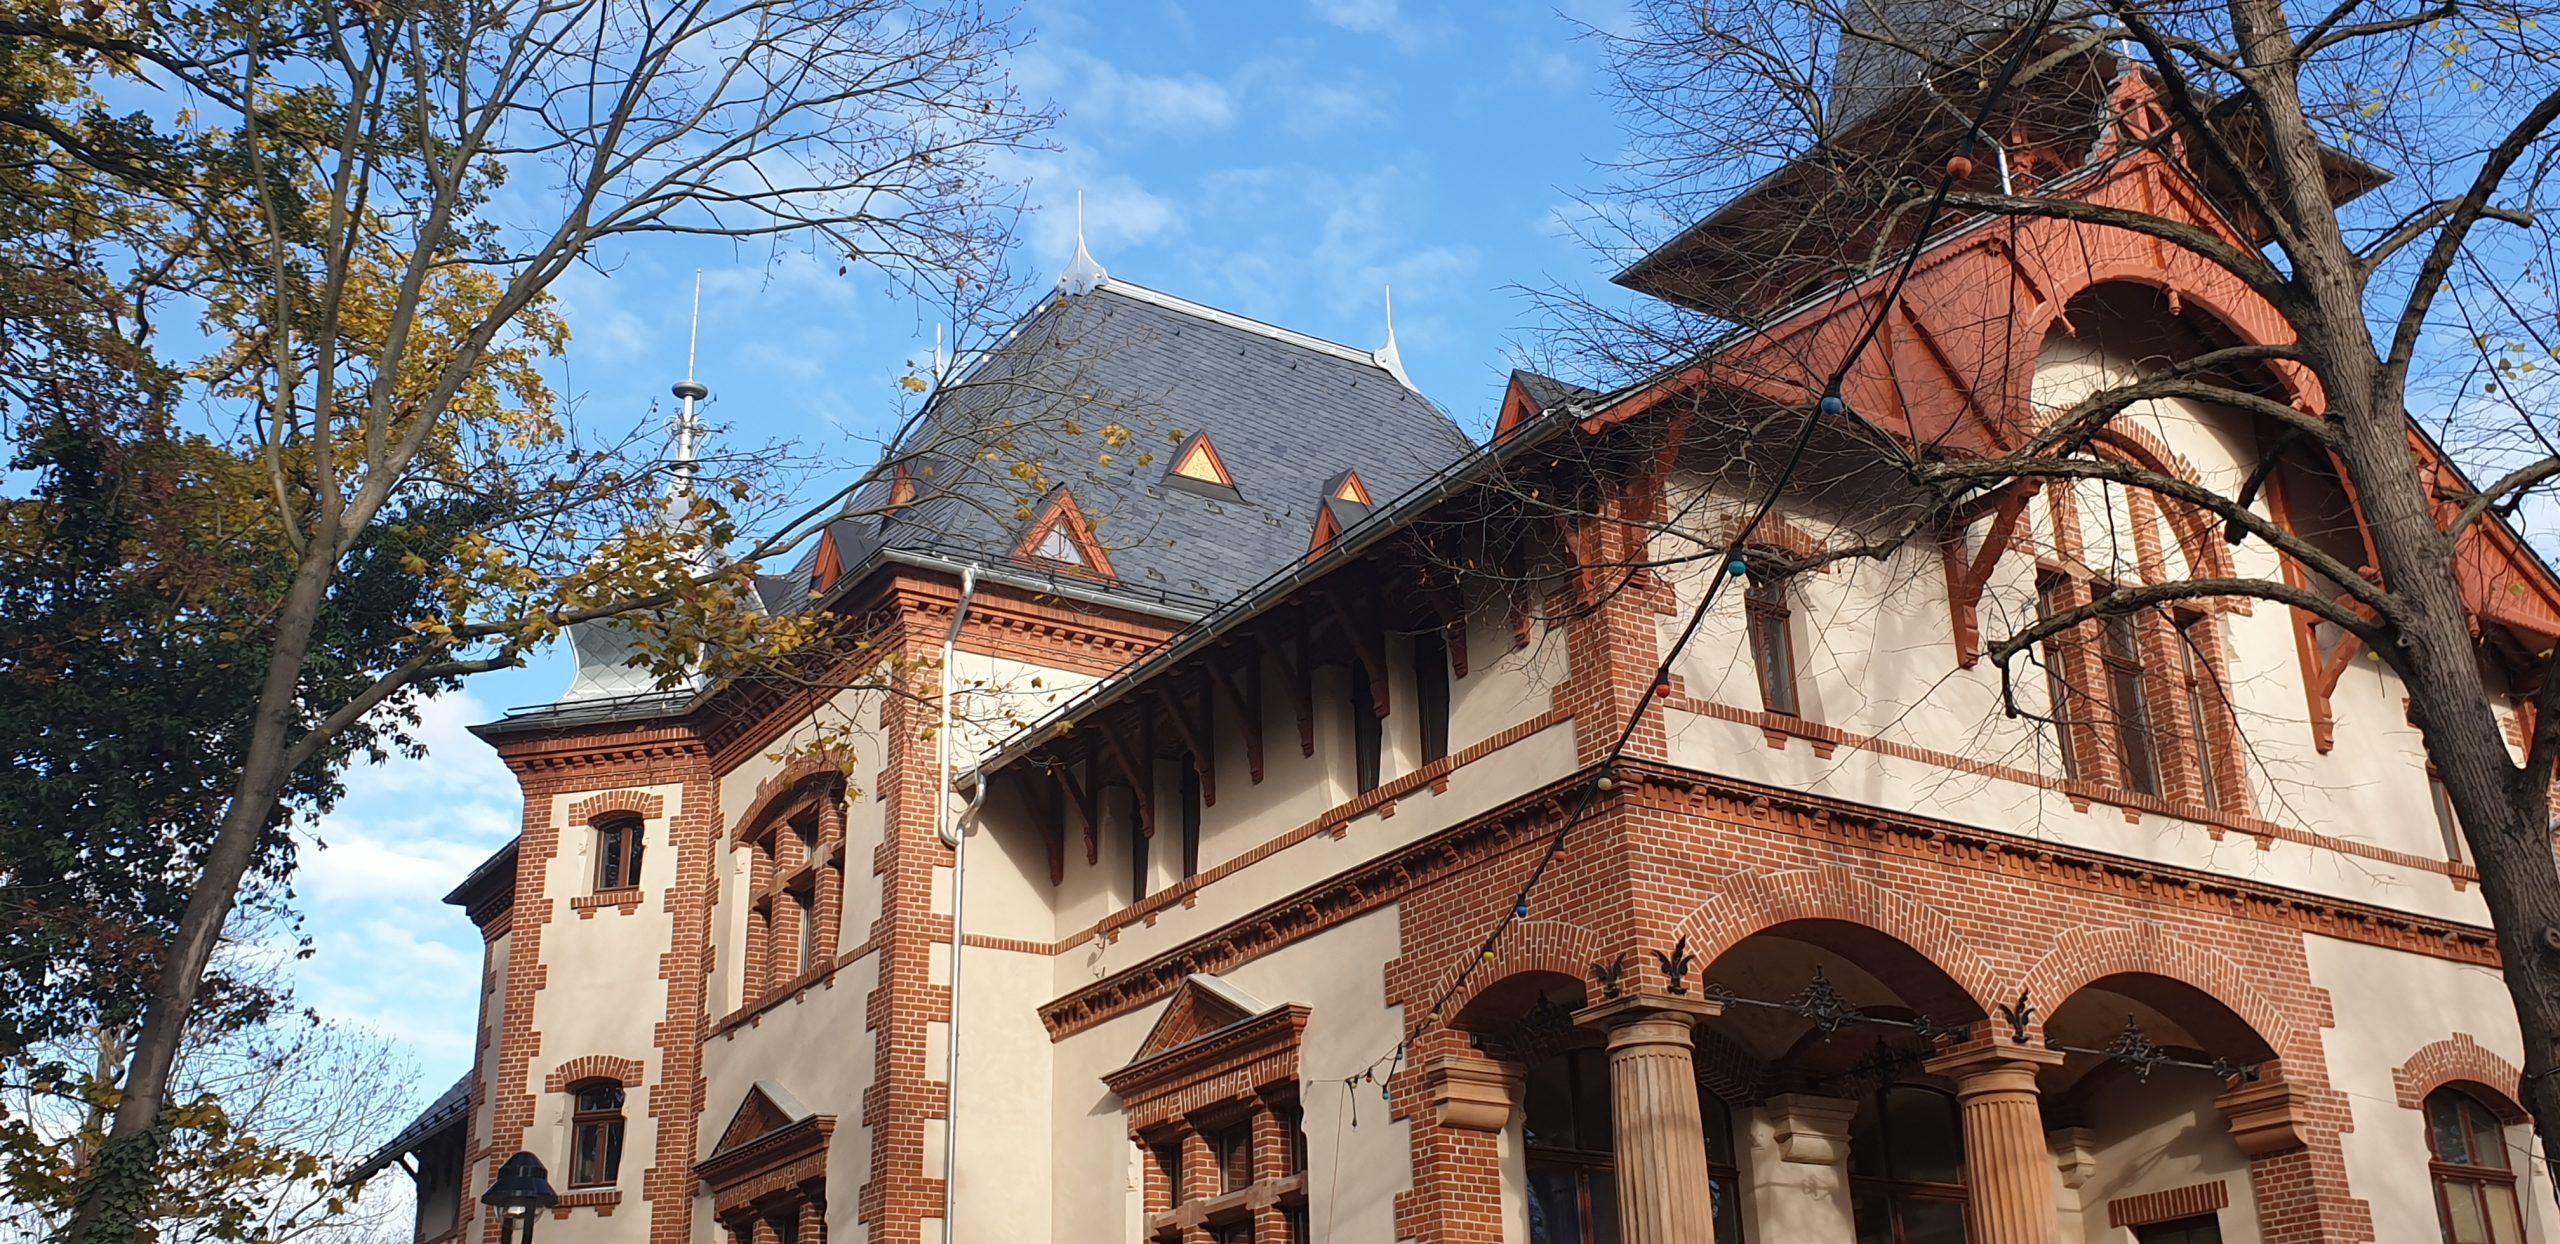 Peißnitzhaus